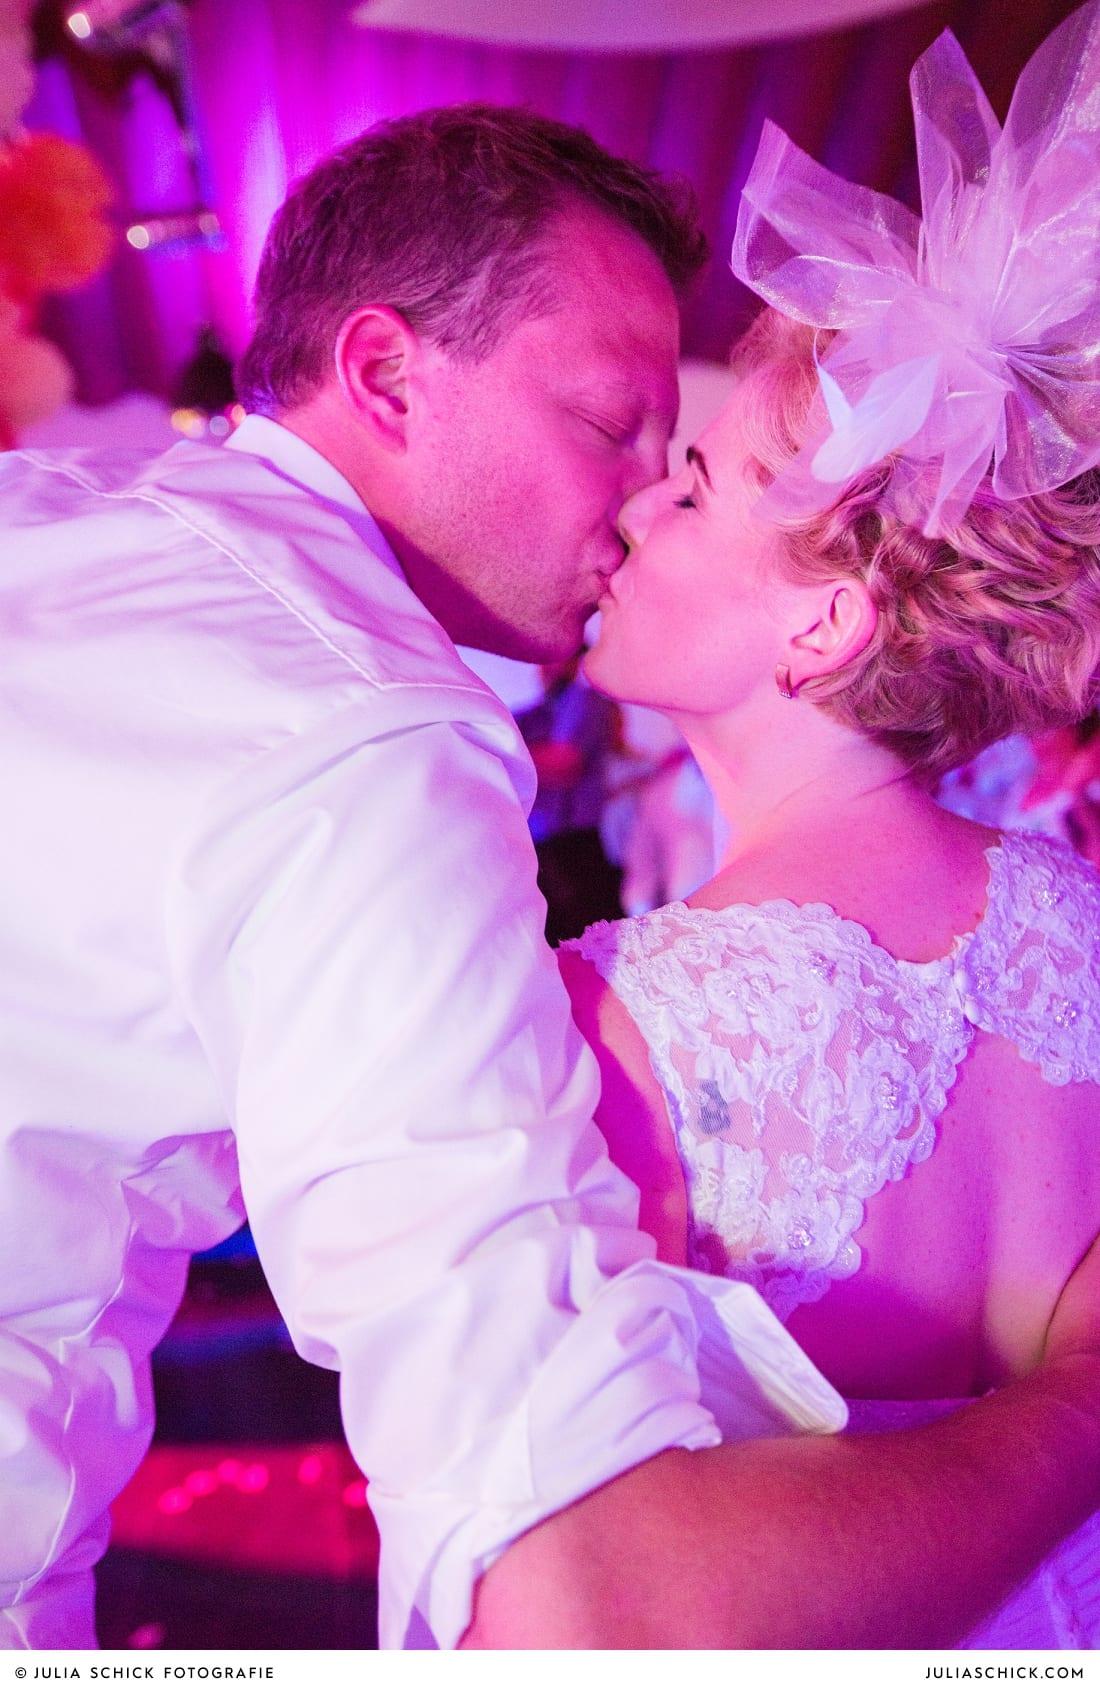 Küssendes Brautpaar bei Hochzeitsfeier auf dem Marienhof, Baumberge Nottuln